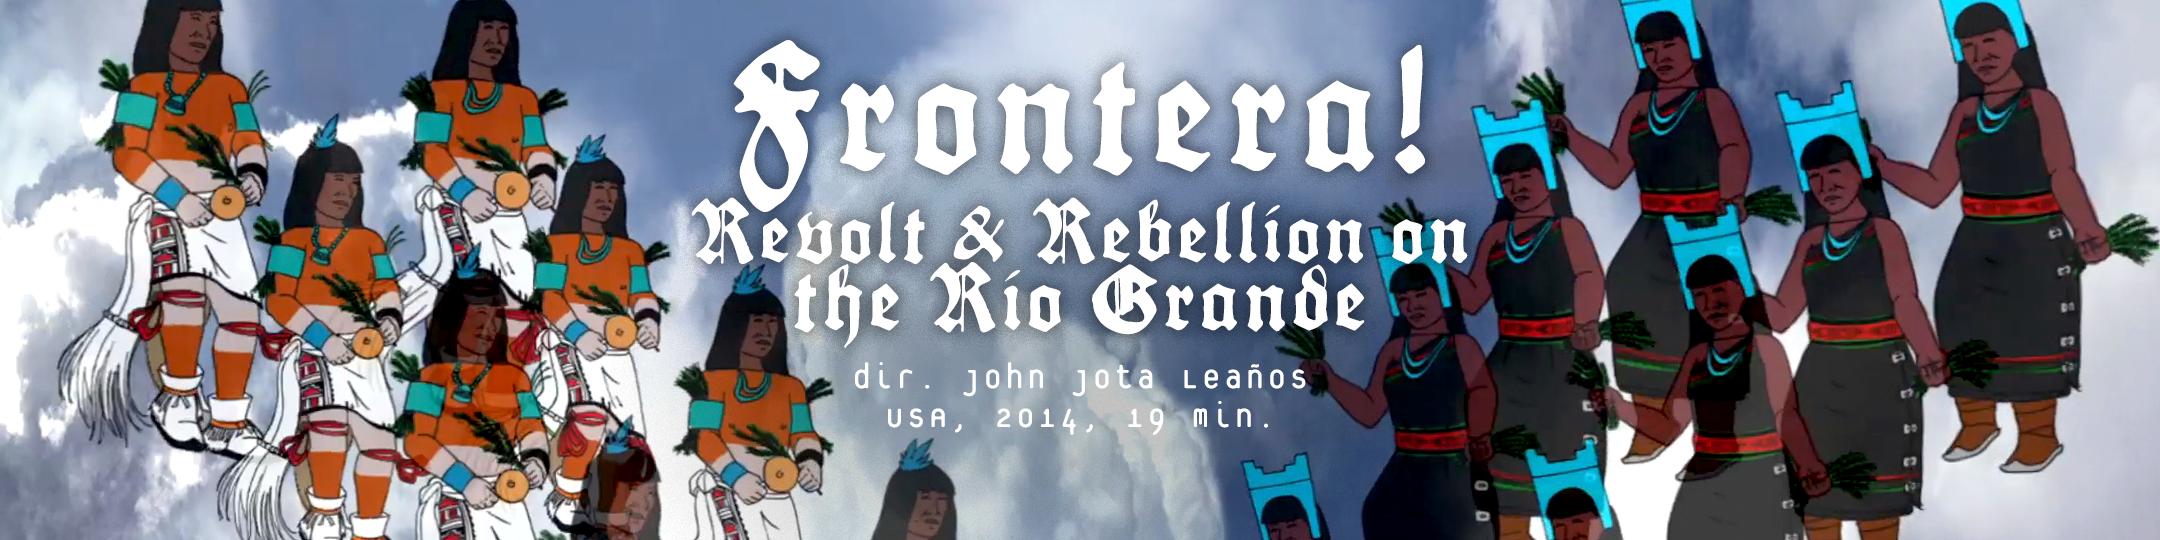 Frontera Revolt and Rebellion on the Rio Grande